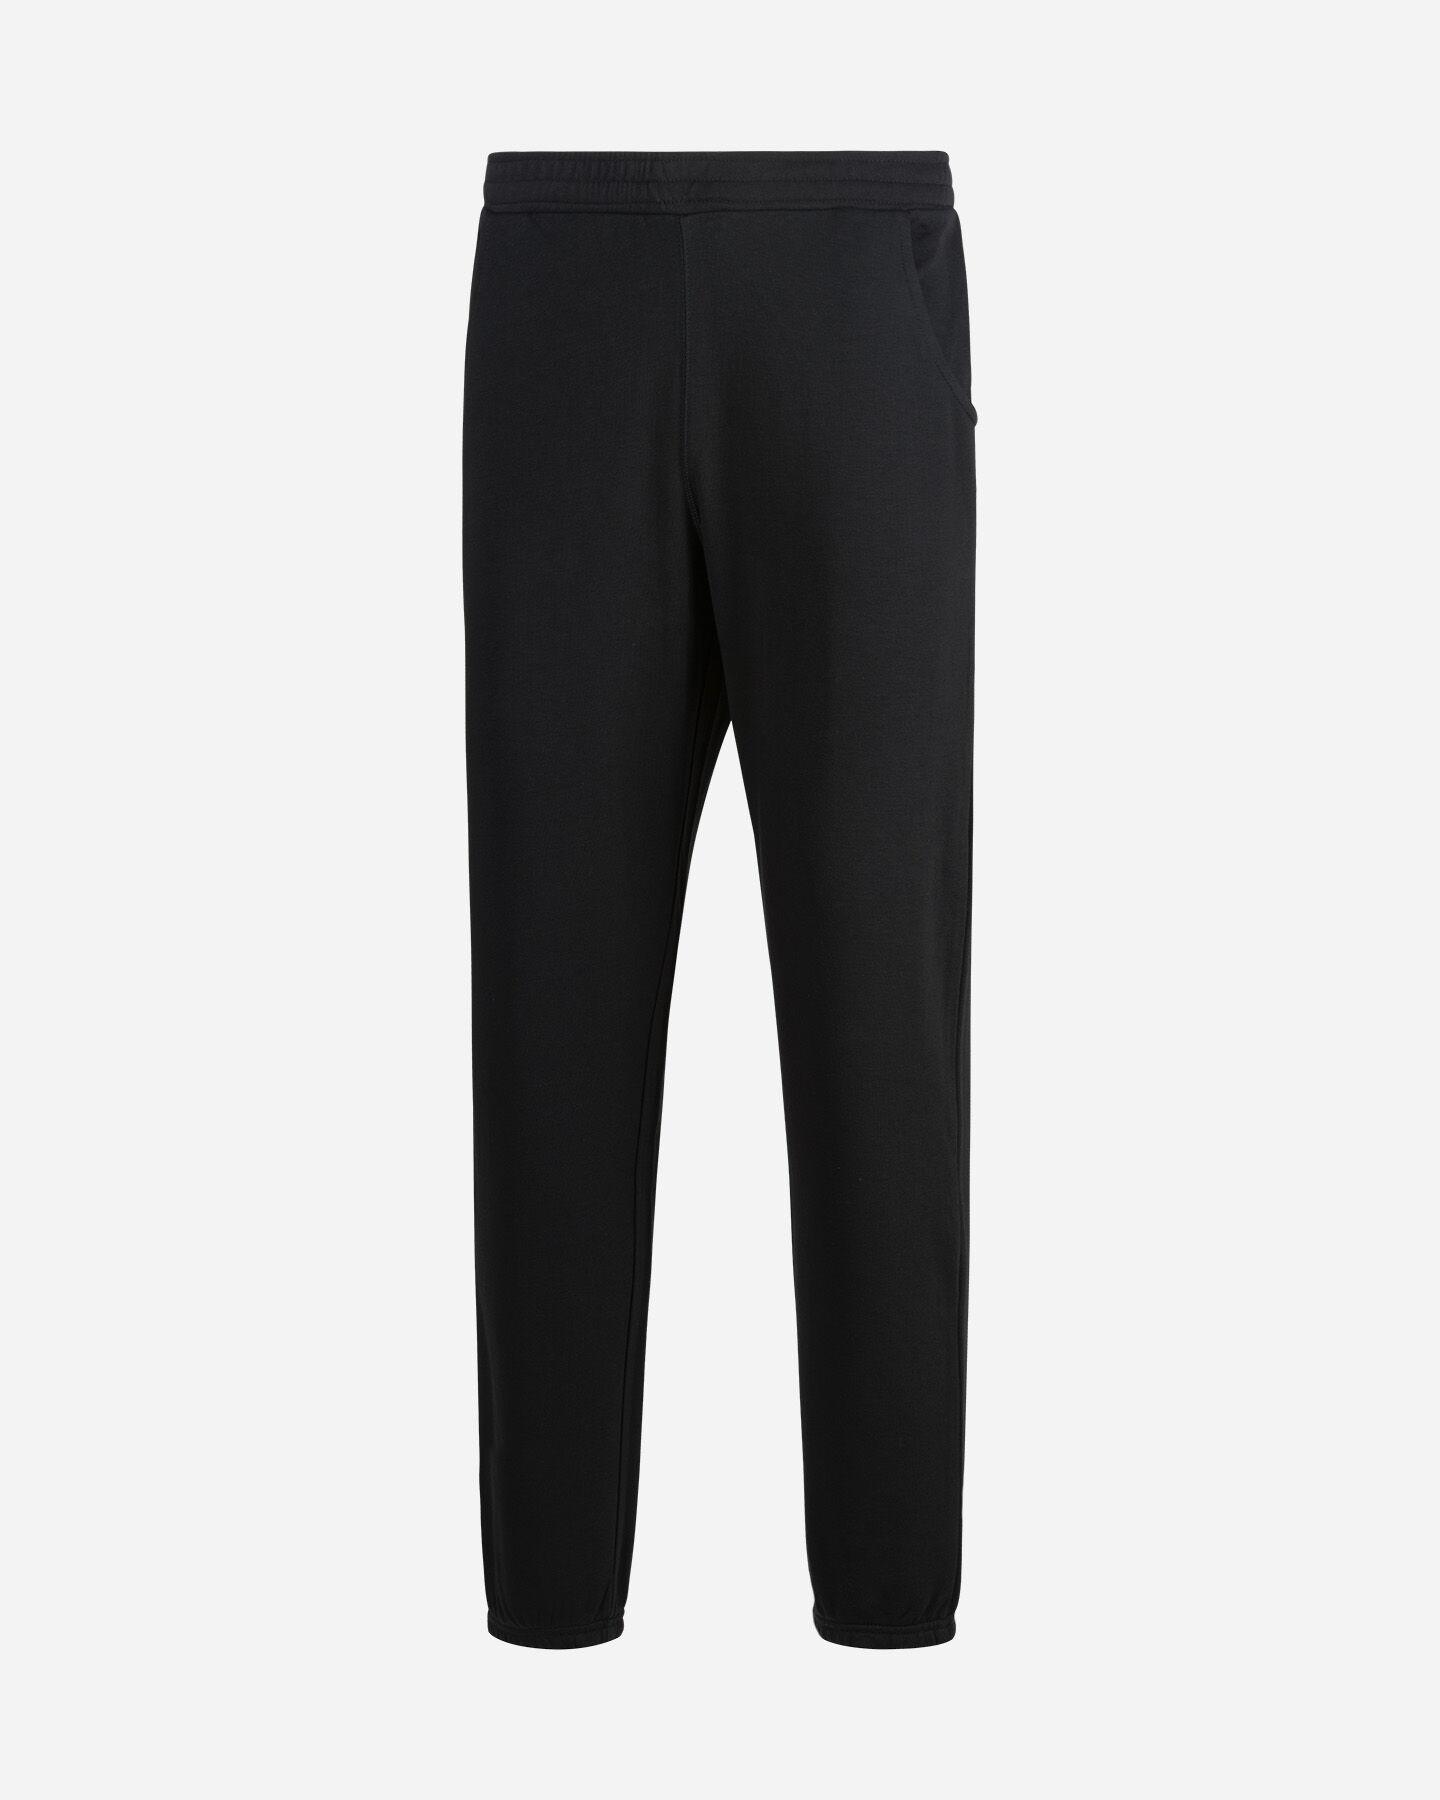 Pantalone ABC FNG POLSINI M S1298331 scatto 0